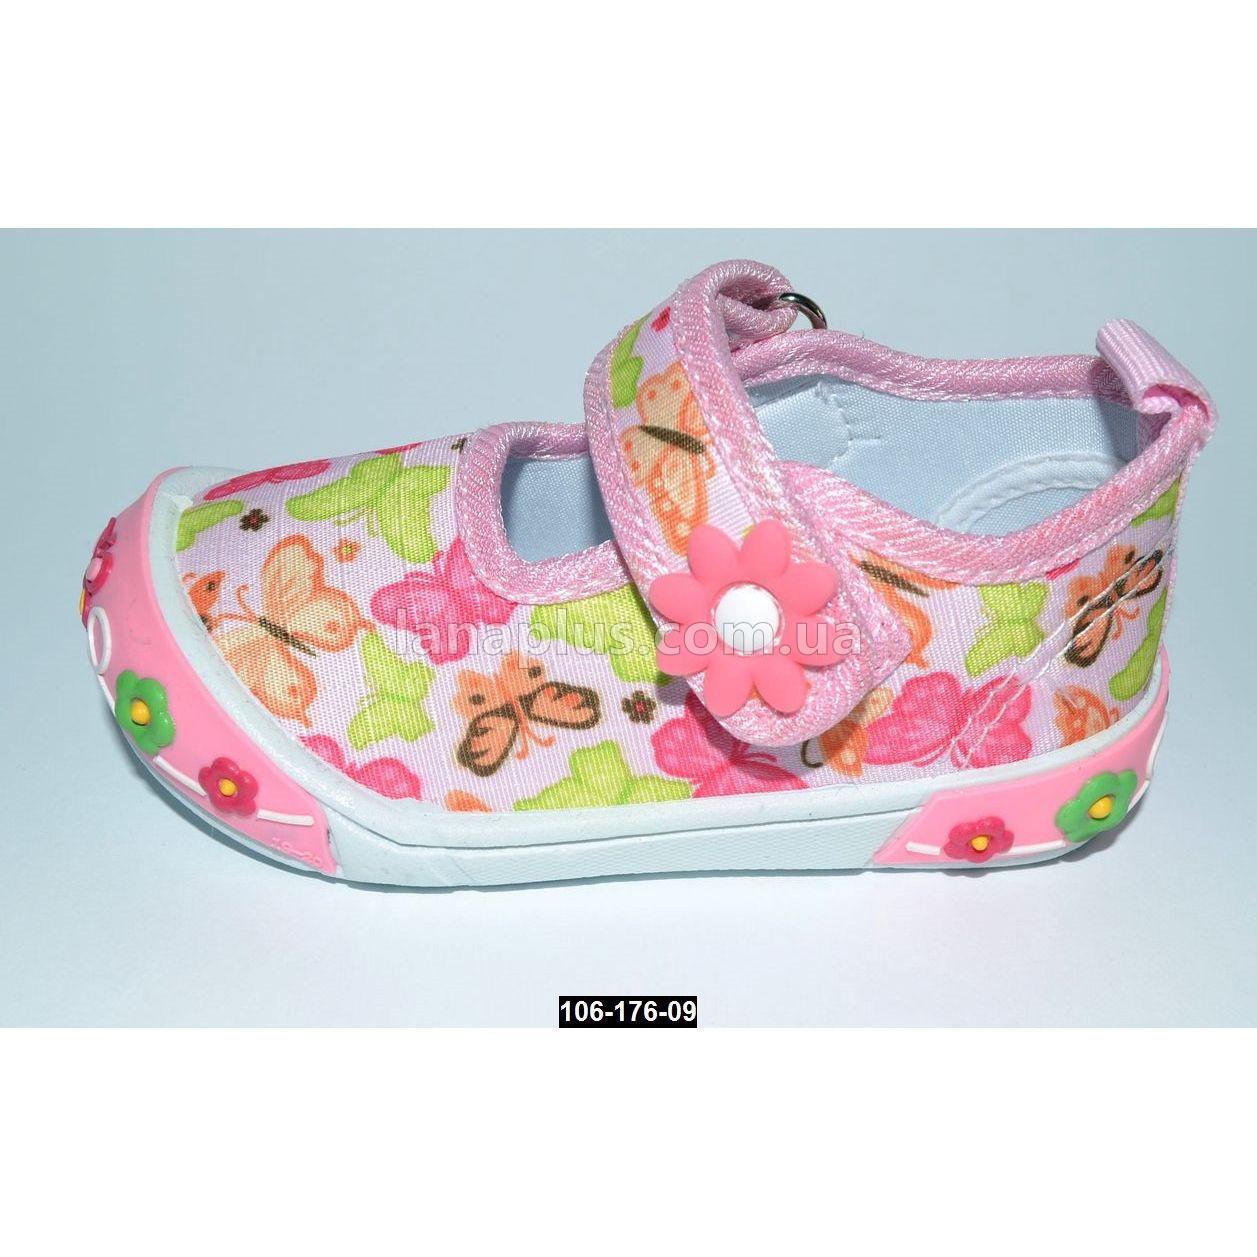 Туфли, мокасины, кеды, тапочки для девочки, 19-24 размер